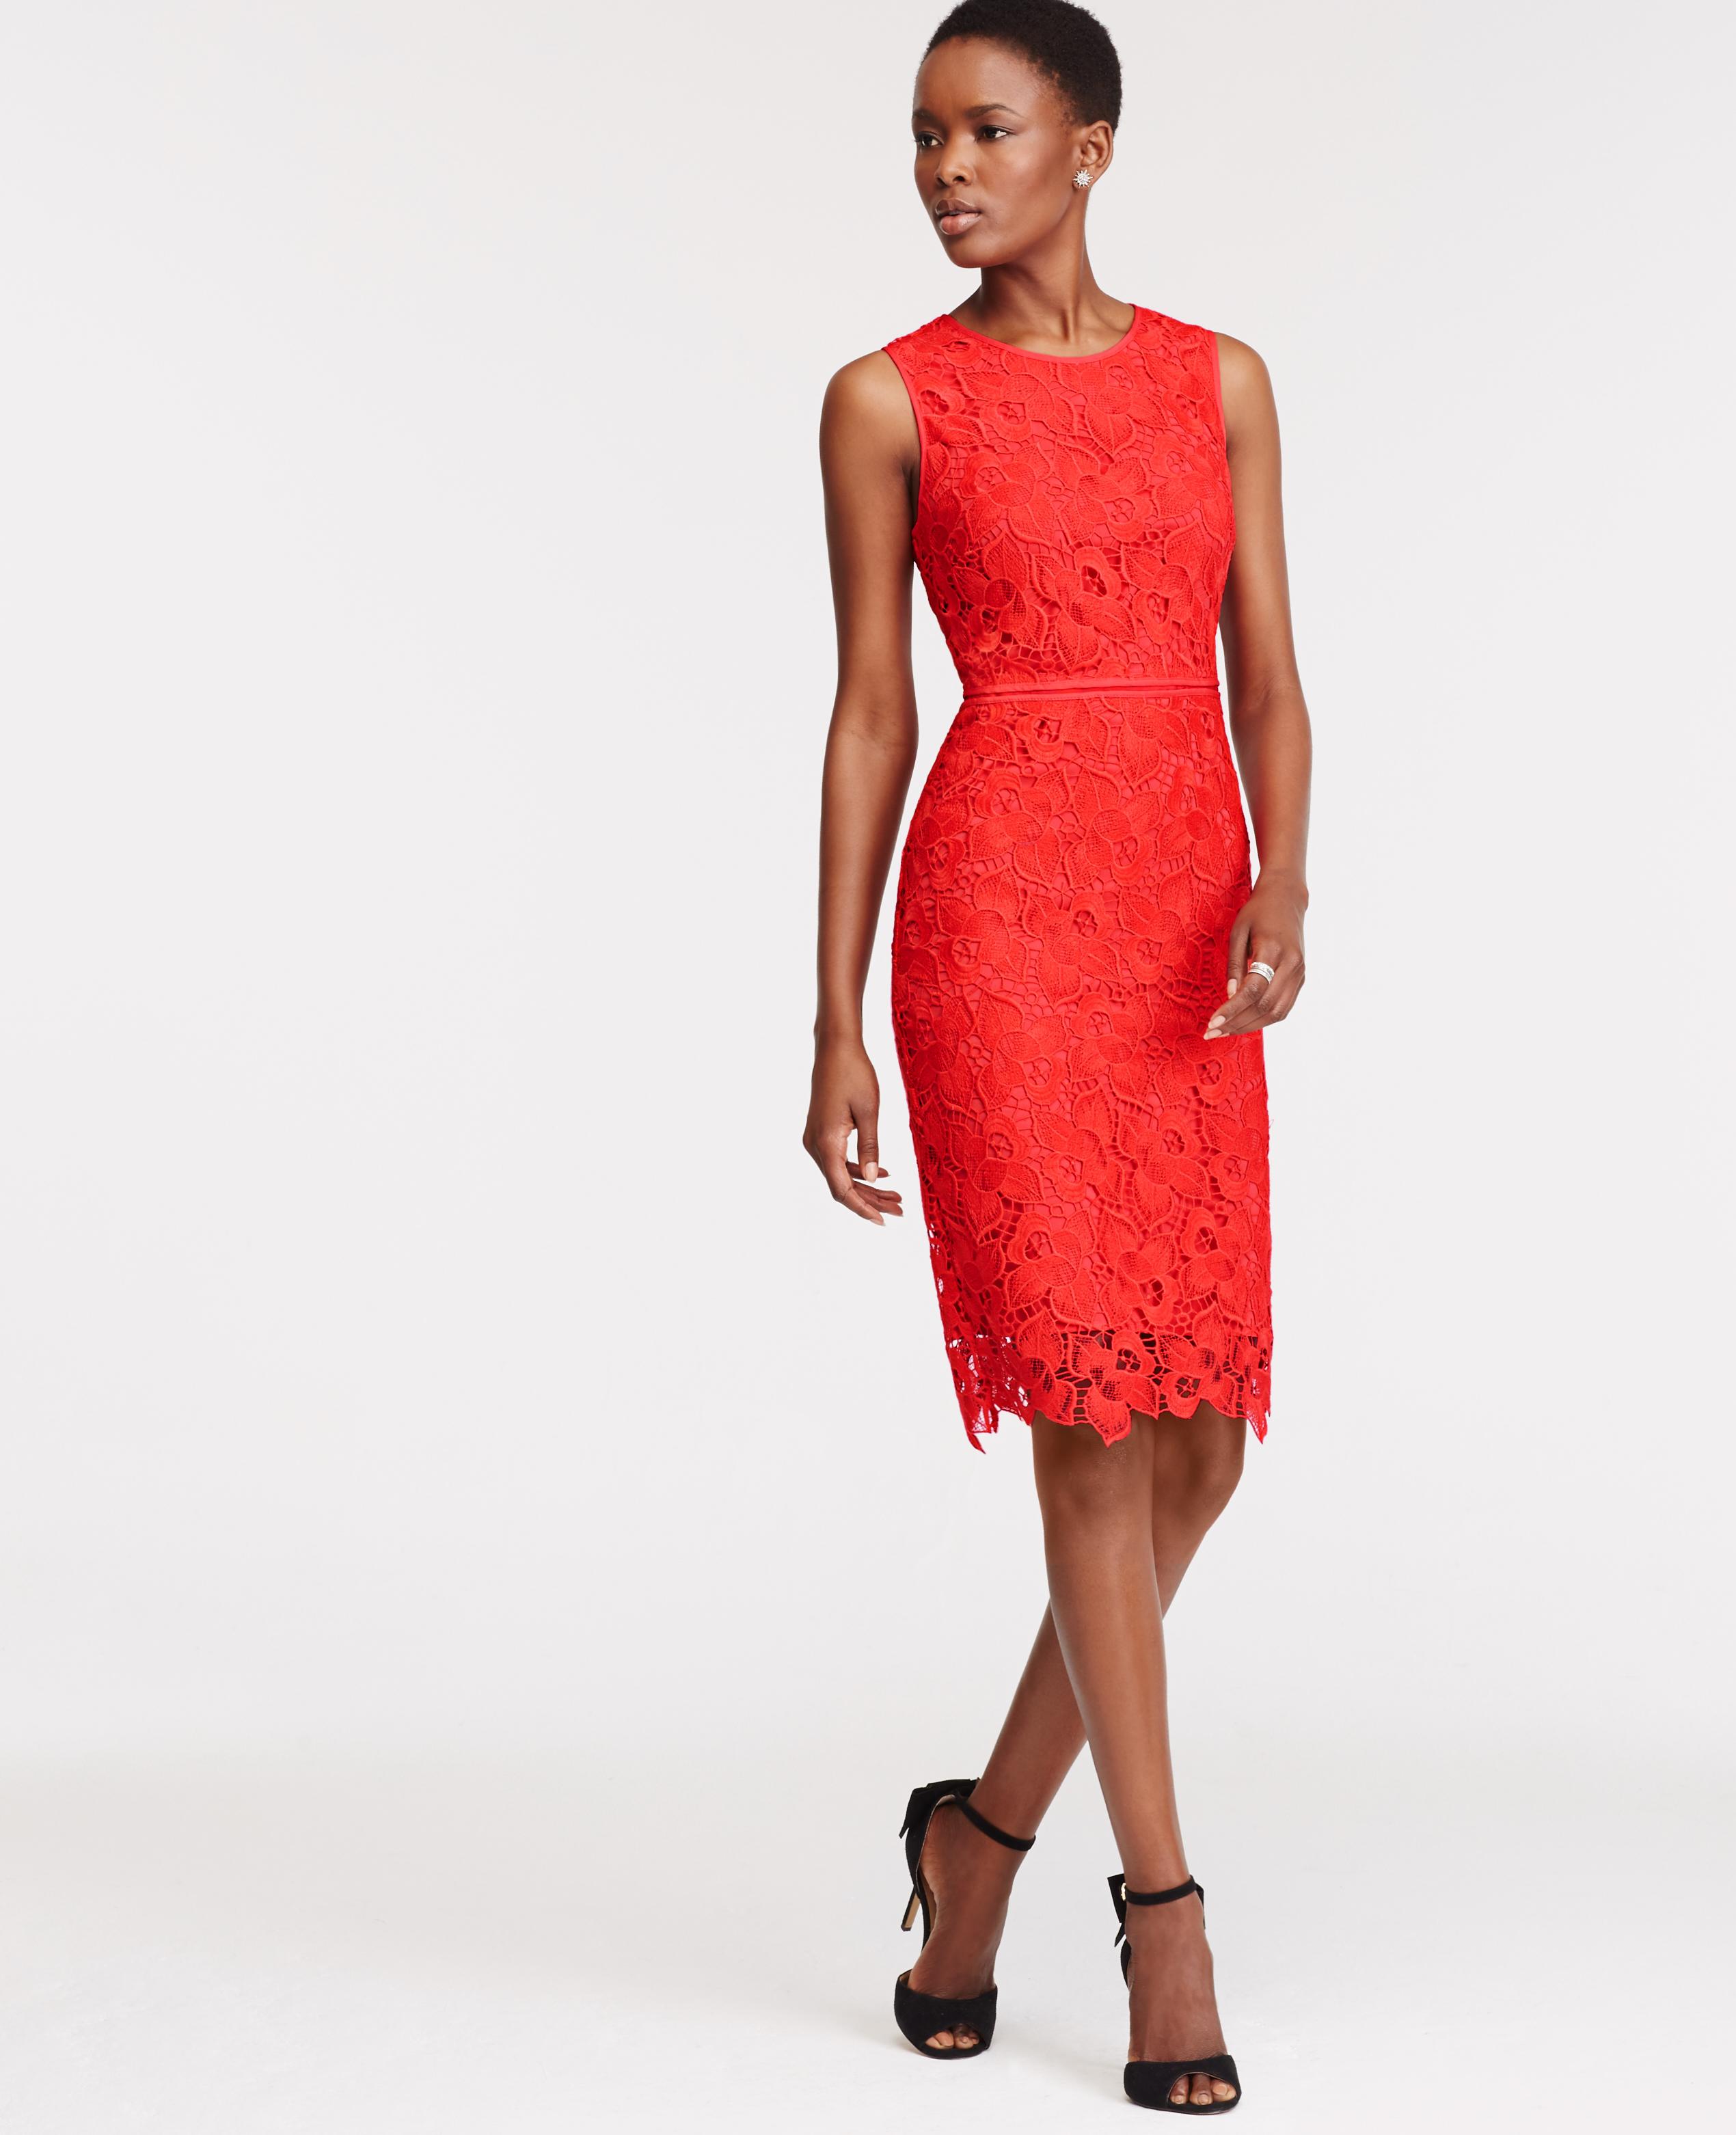 Ann Taylor Dress Sale